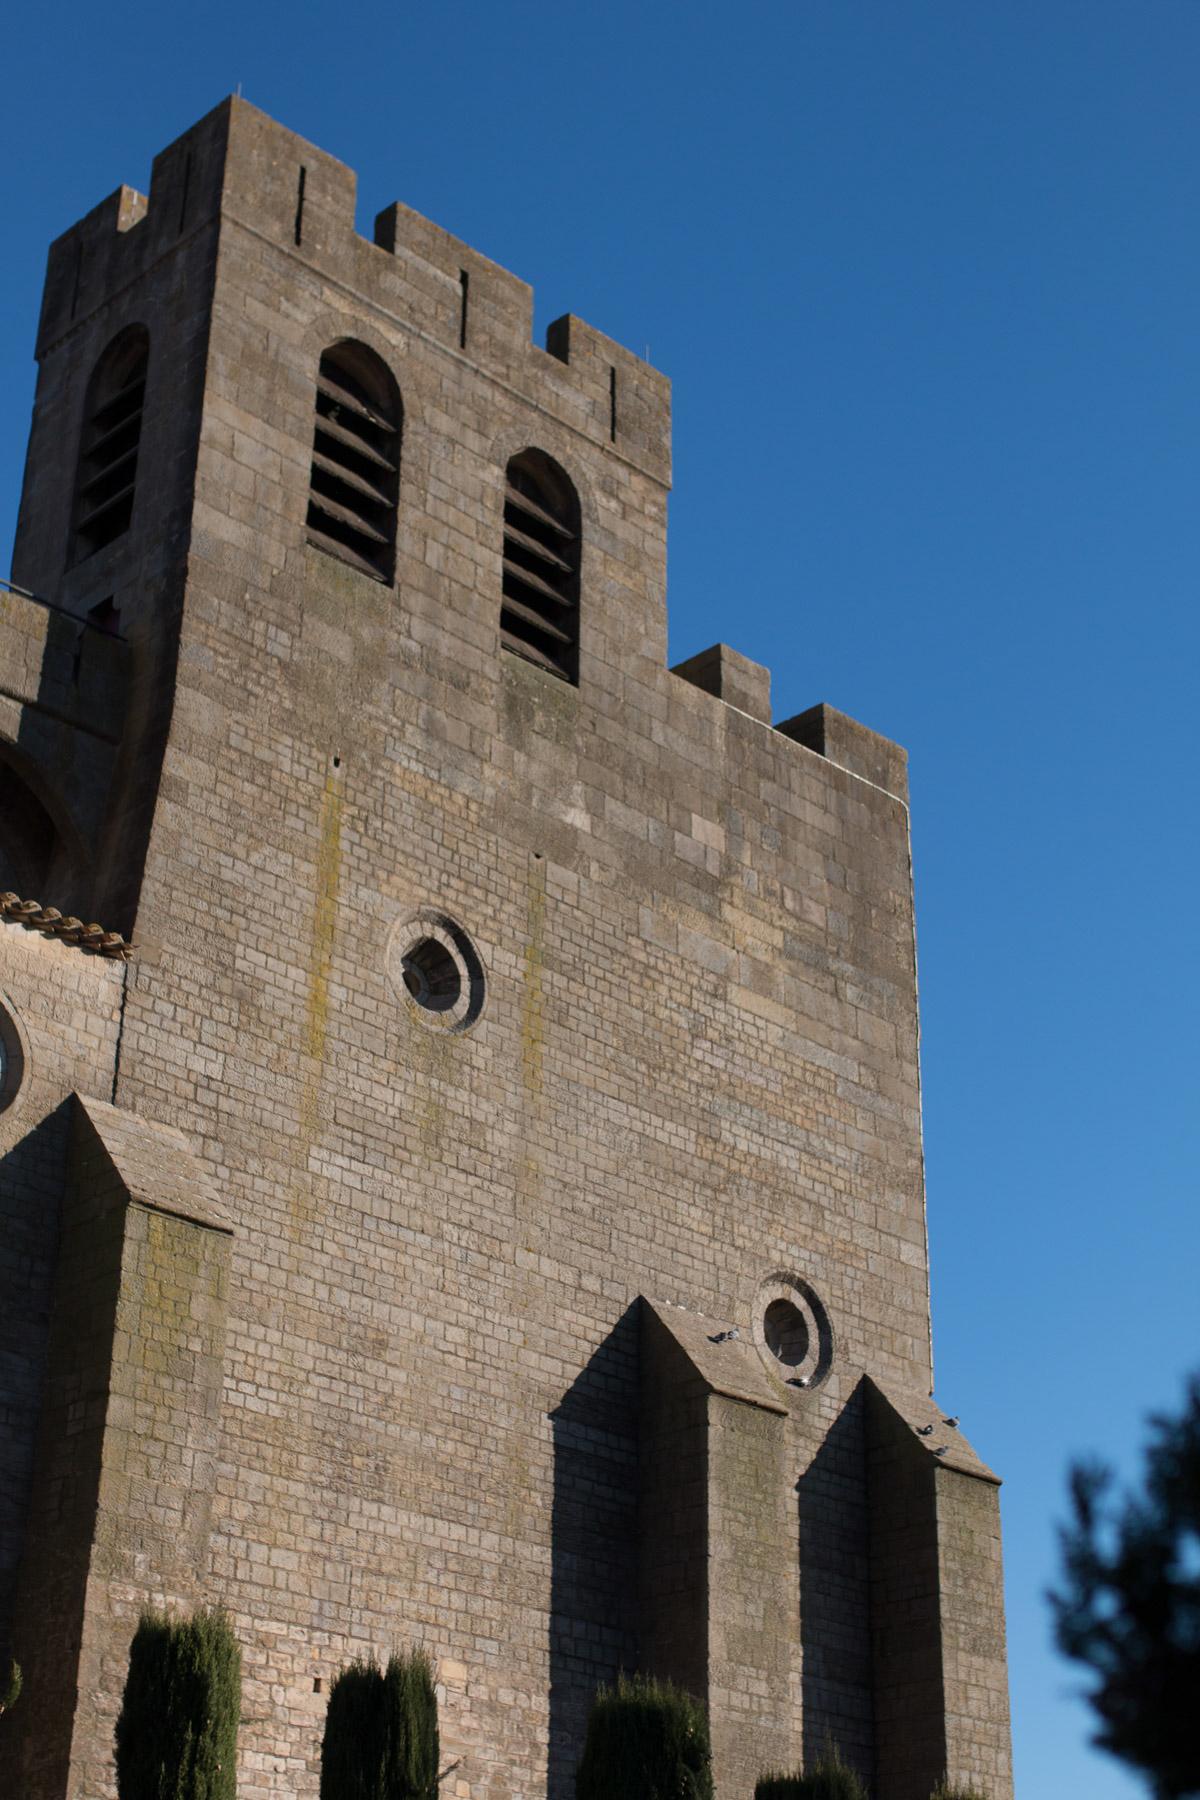 Hotel de la cite Carcassonne spa I Sp4nkblog-16